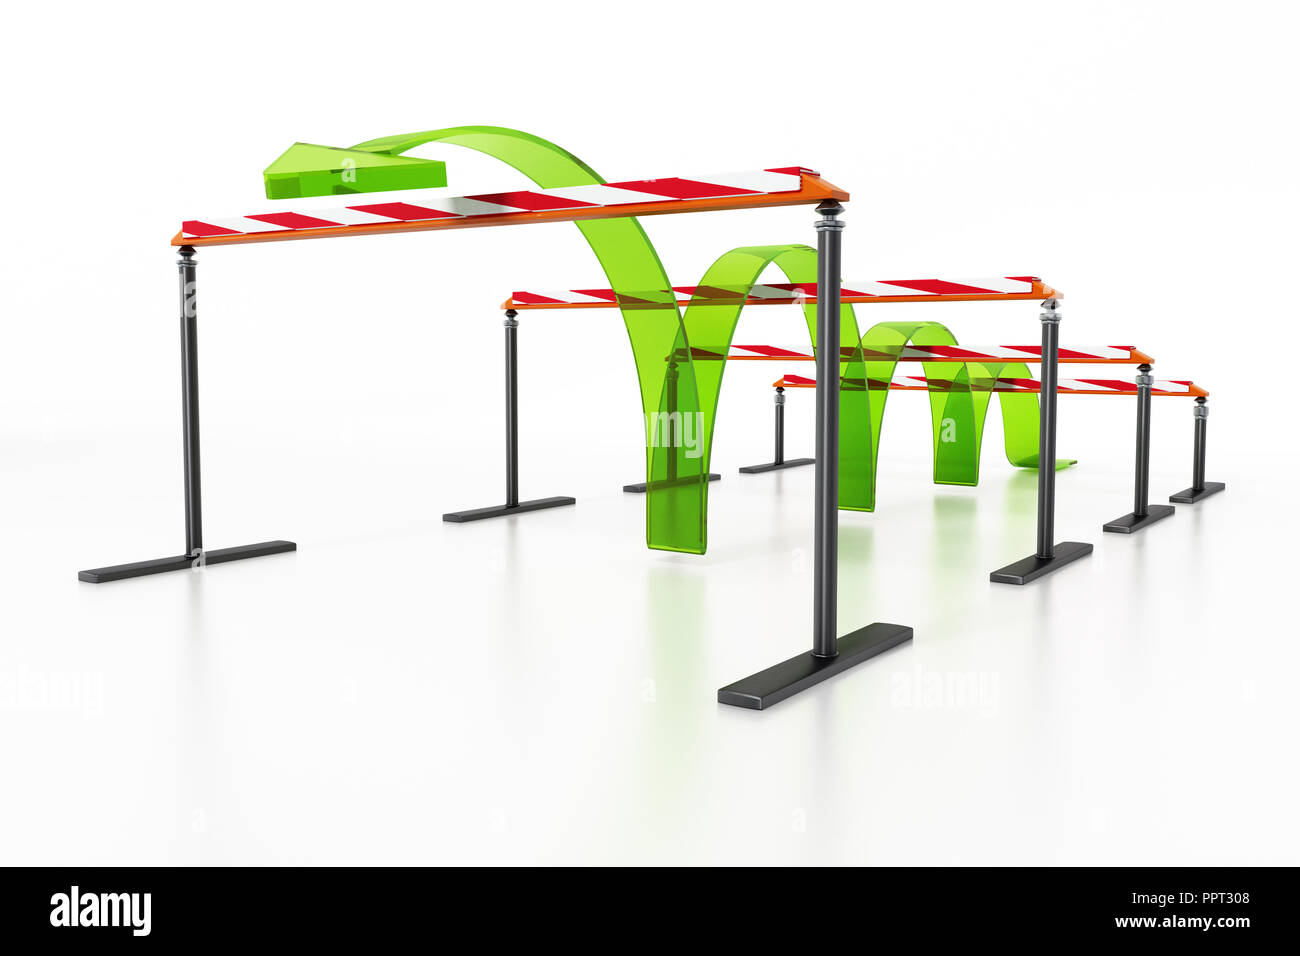 Flèche bleue sautant par dessus les obstacles. 3D illustration. Photo Stock